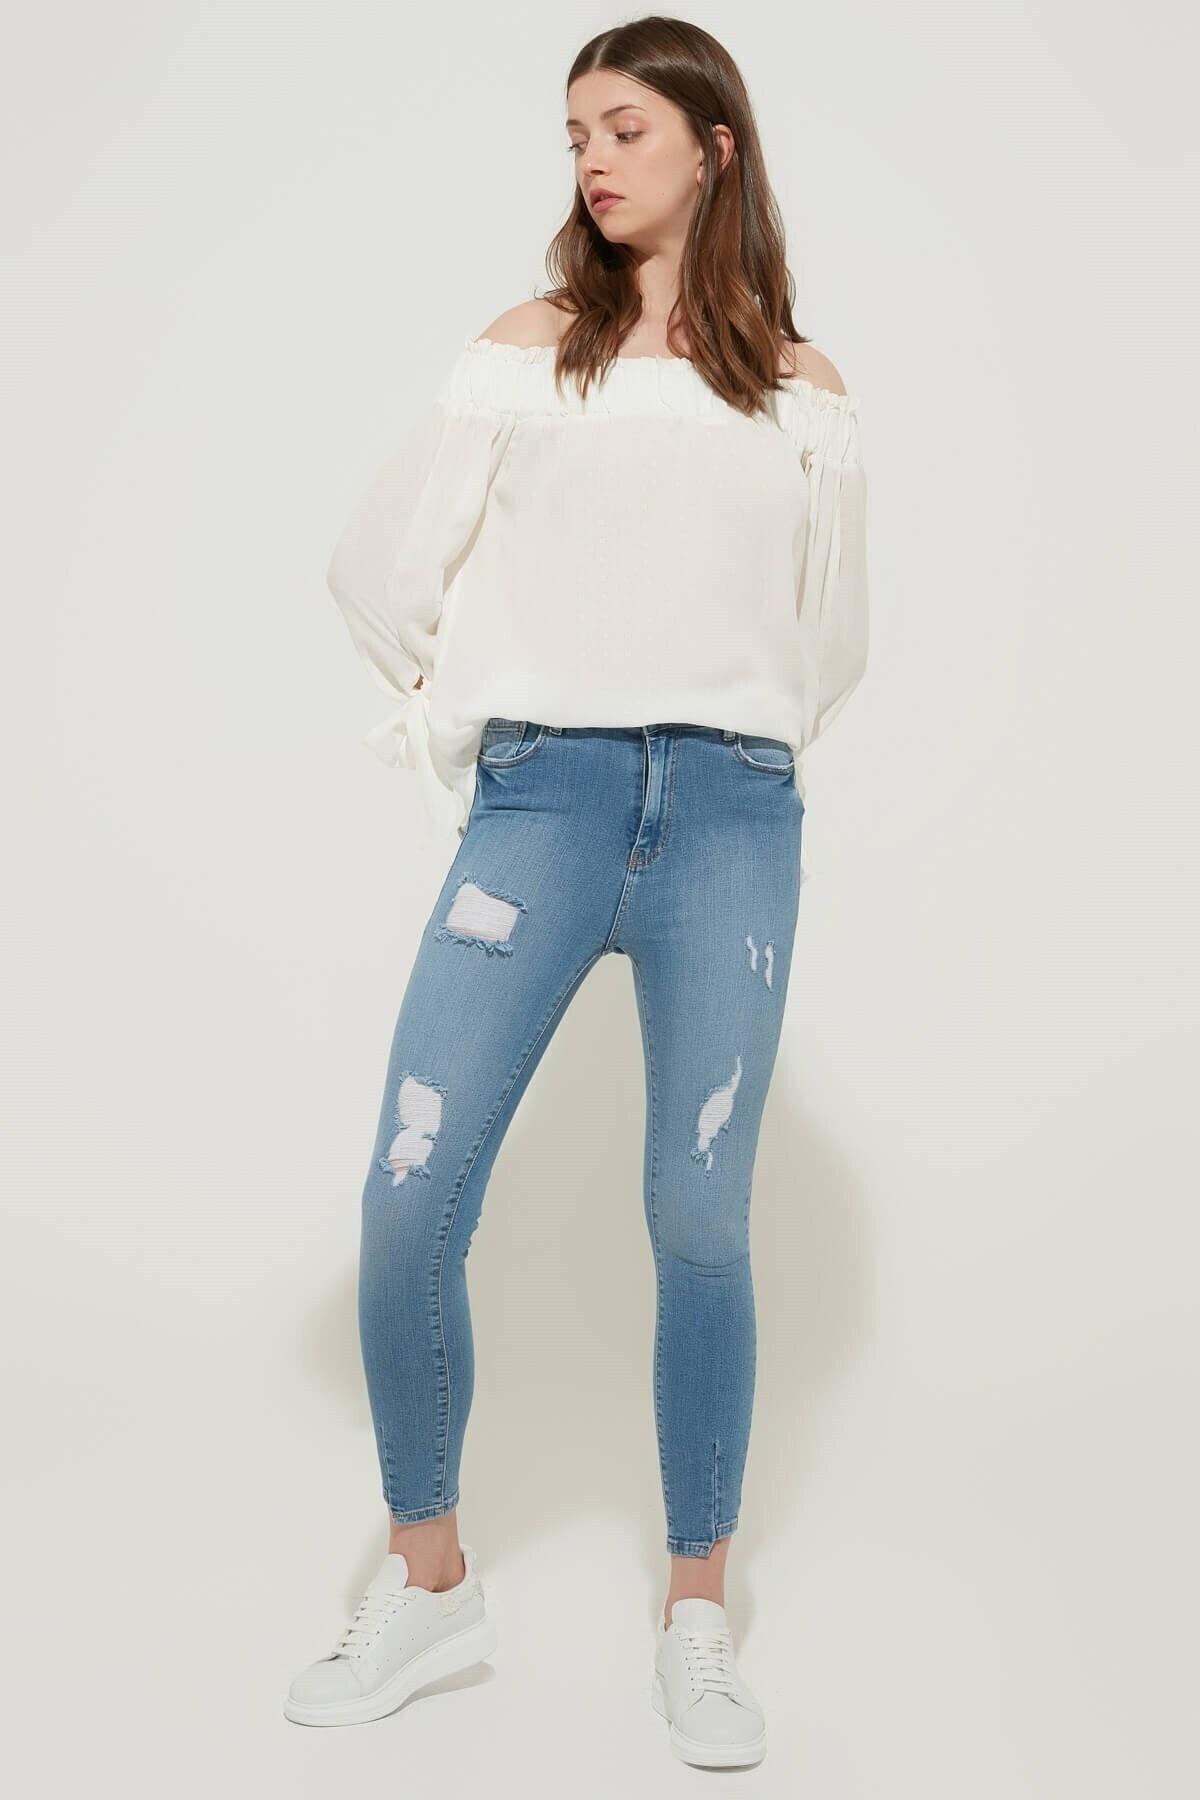 ZİNDİ Kadın Yüksek Bel Skinny Jean Buz Mavi 2